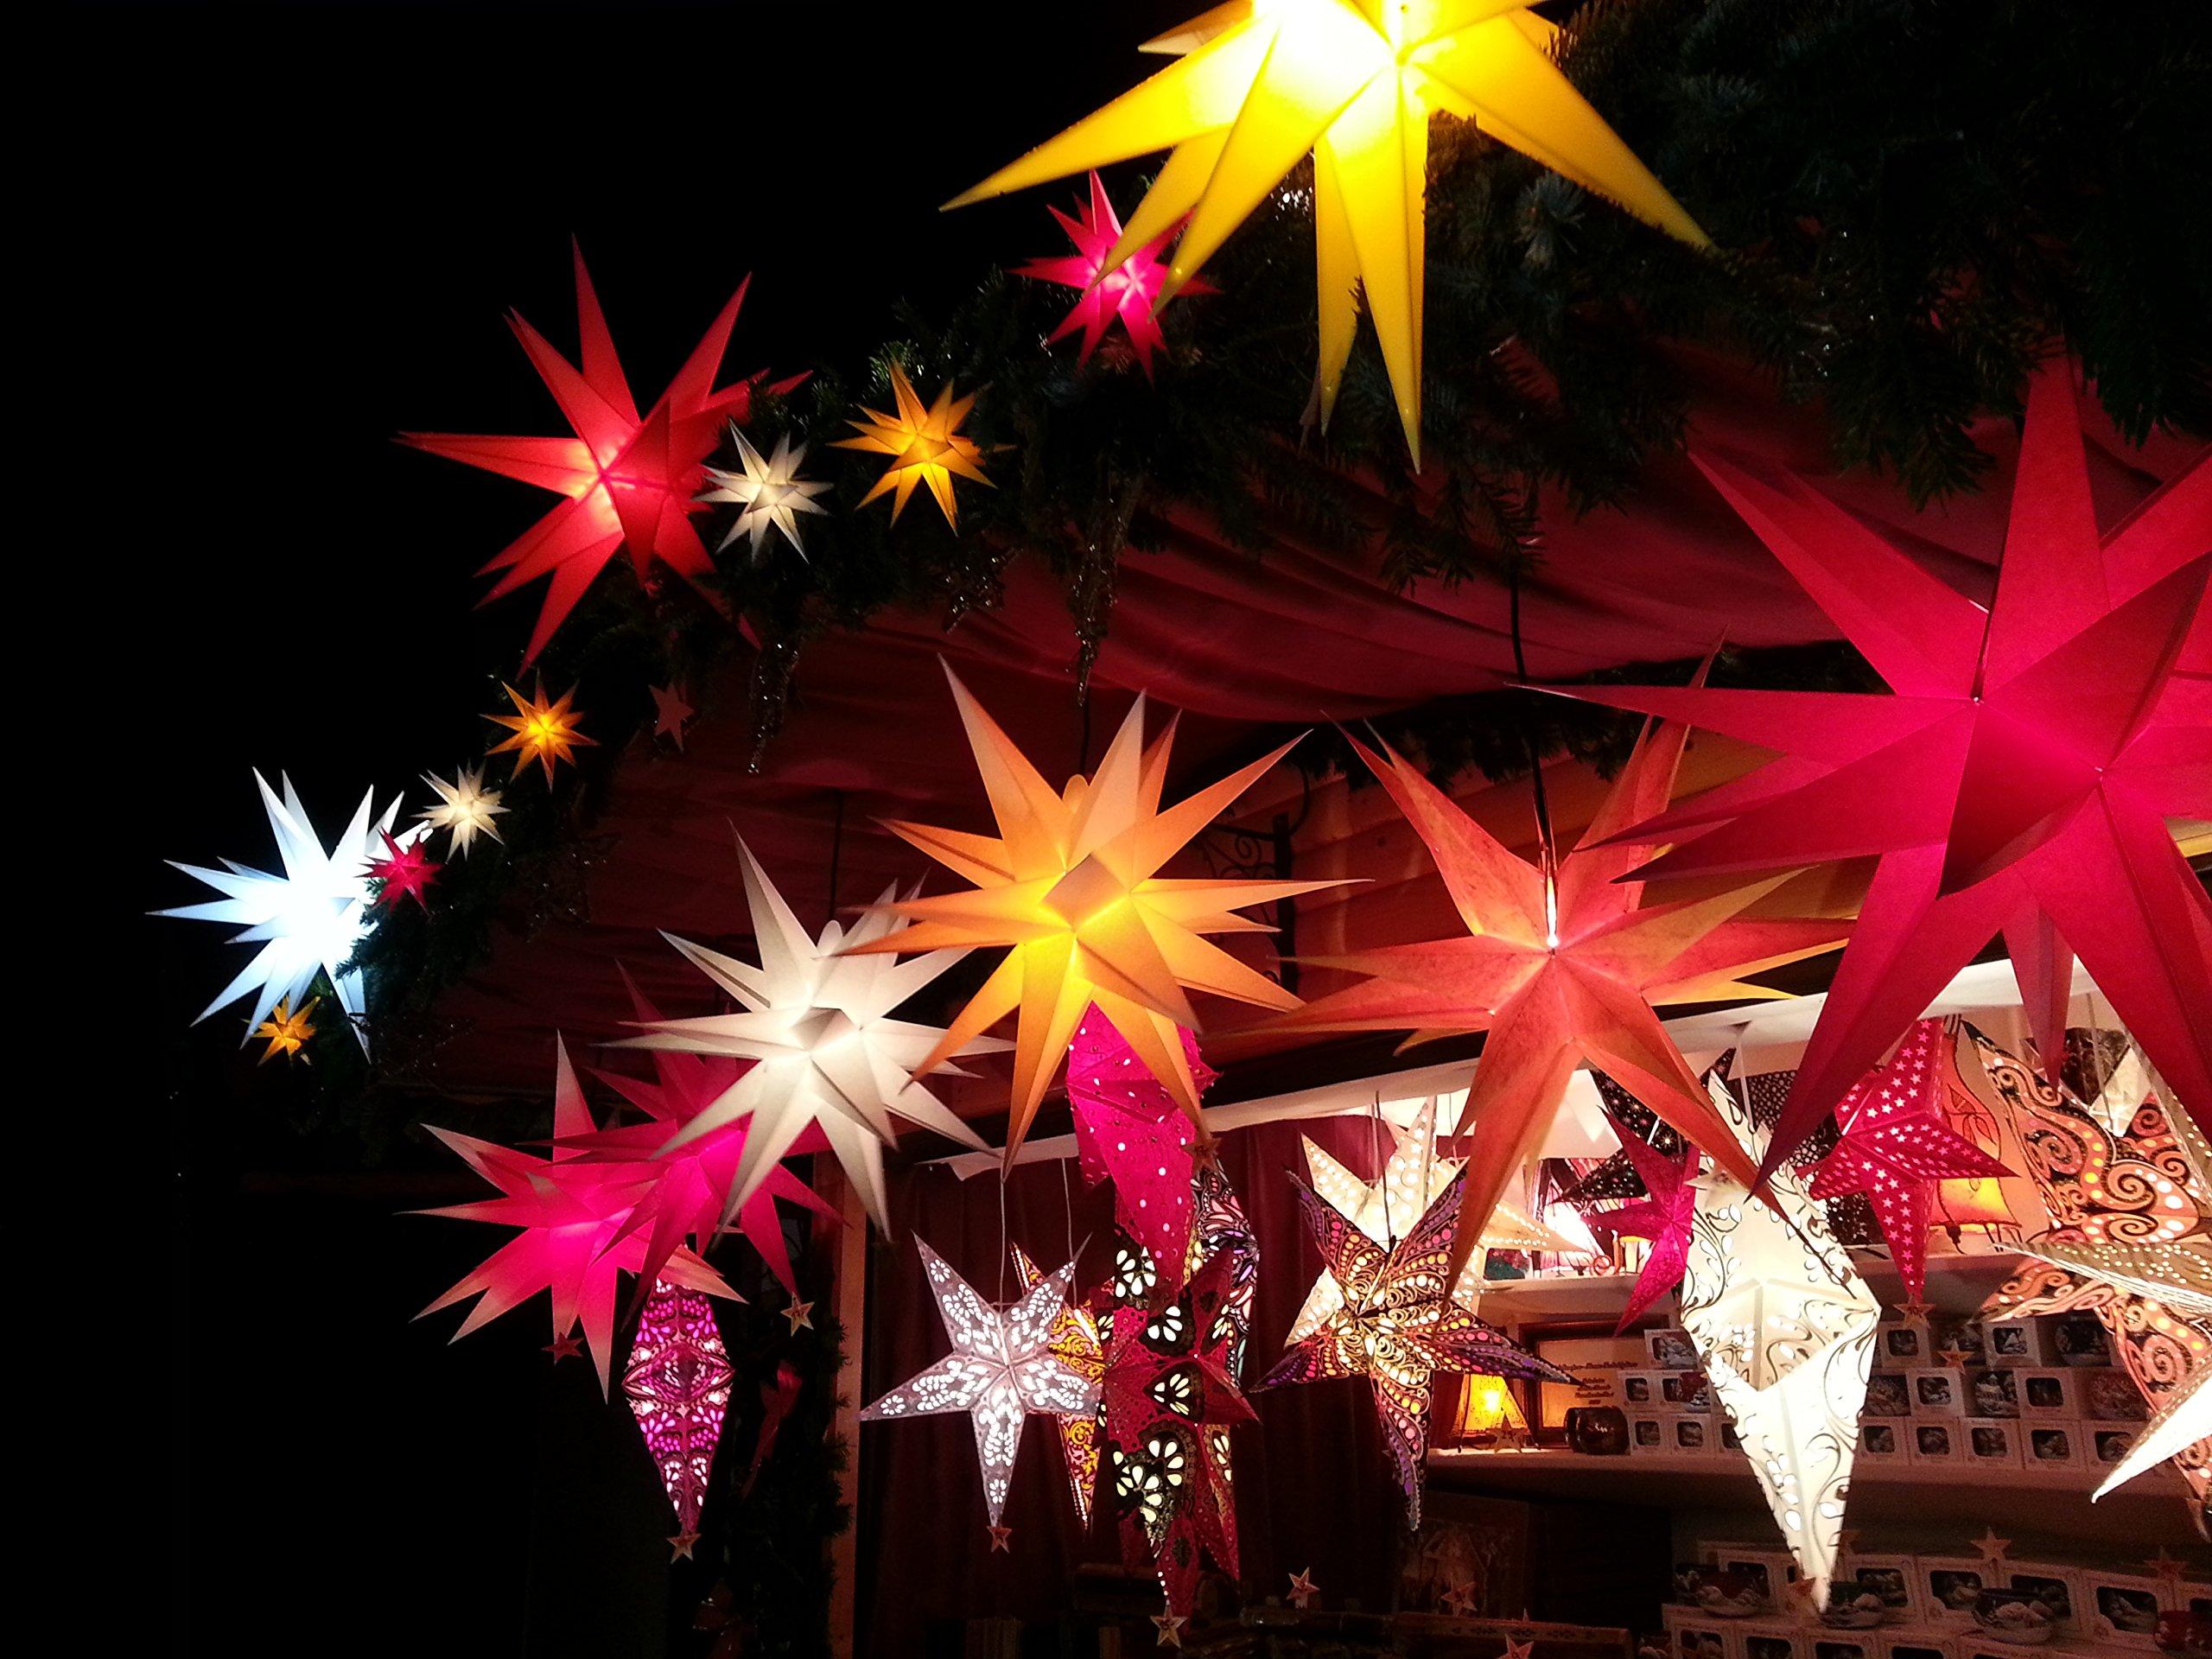 Sol-y-Luna-Klassischer-Adventsstern-Weihnachtsstern-ca-68cm-fr-den-Innenbereich